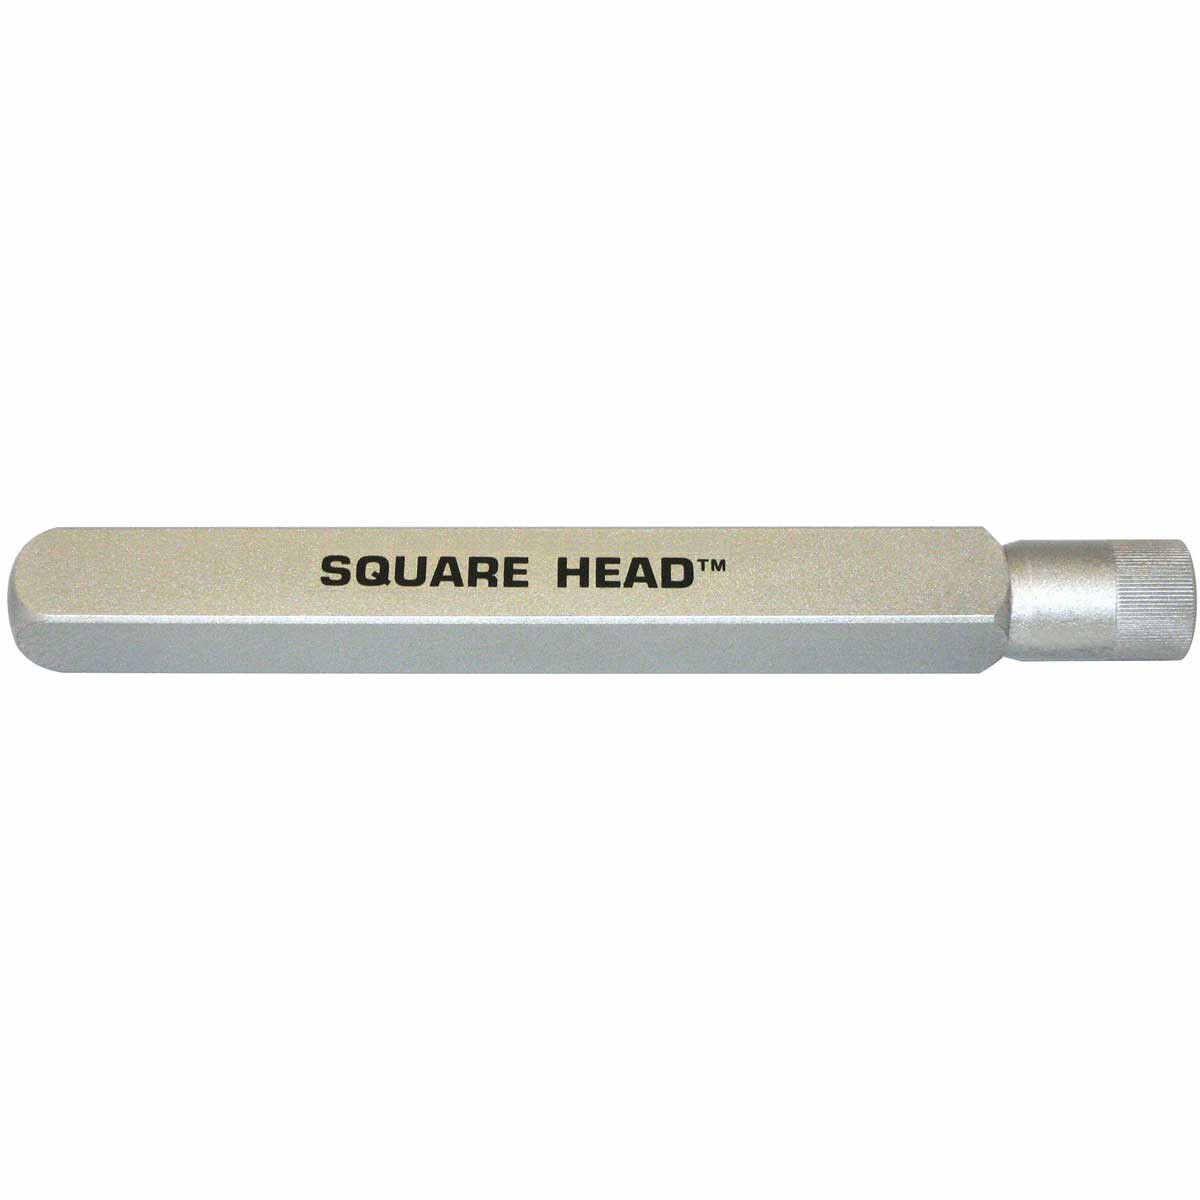 Wyco concrete vibrator 1-3/8in square head